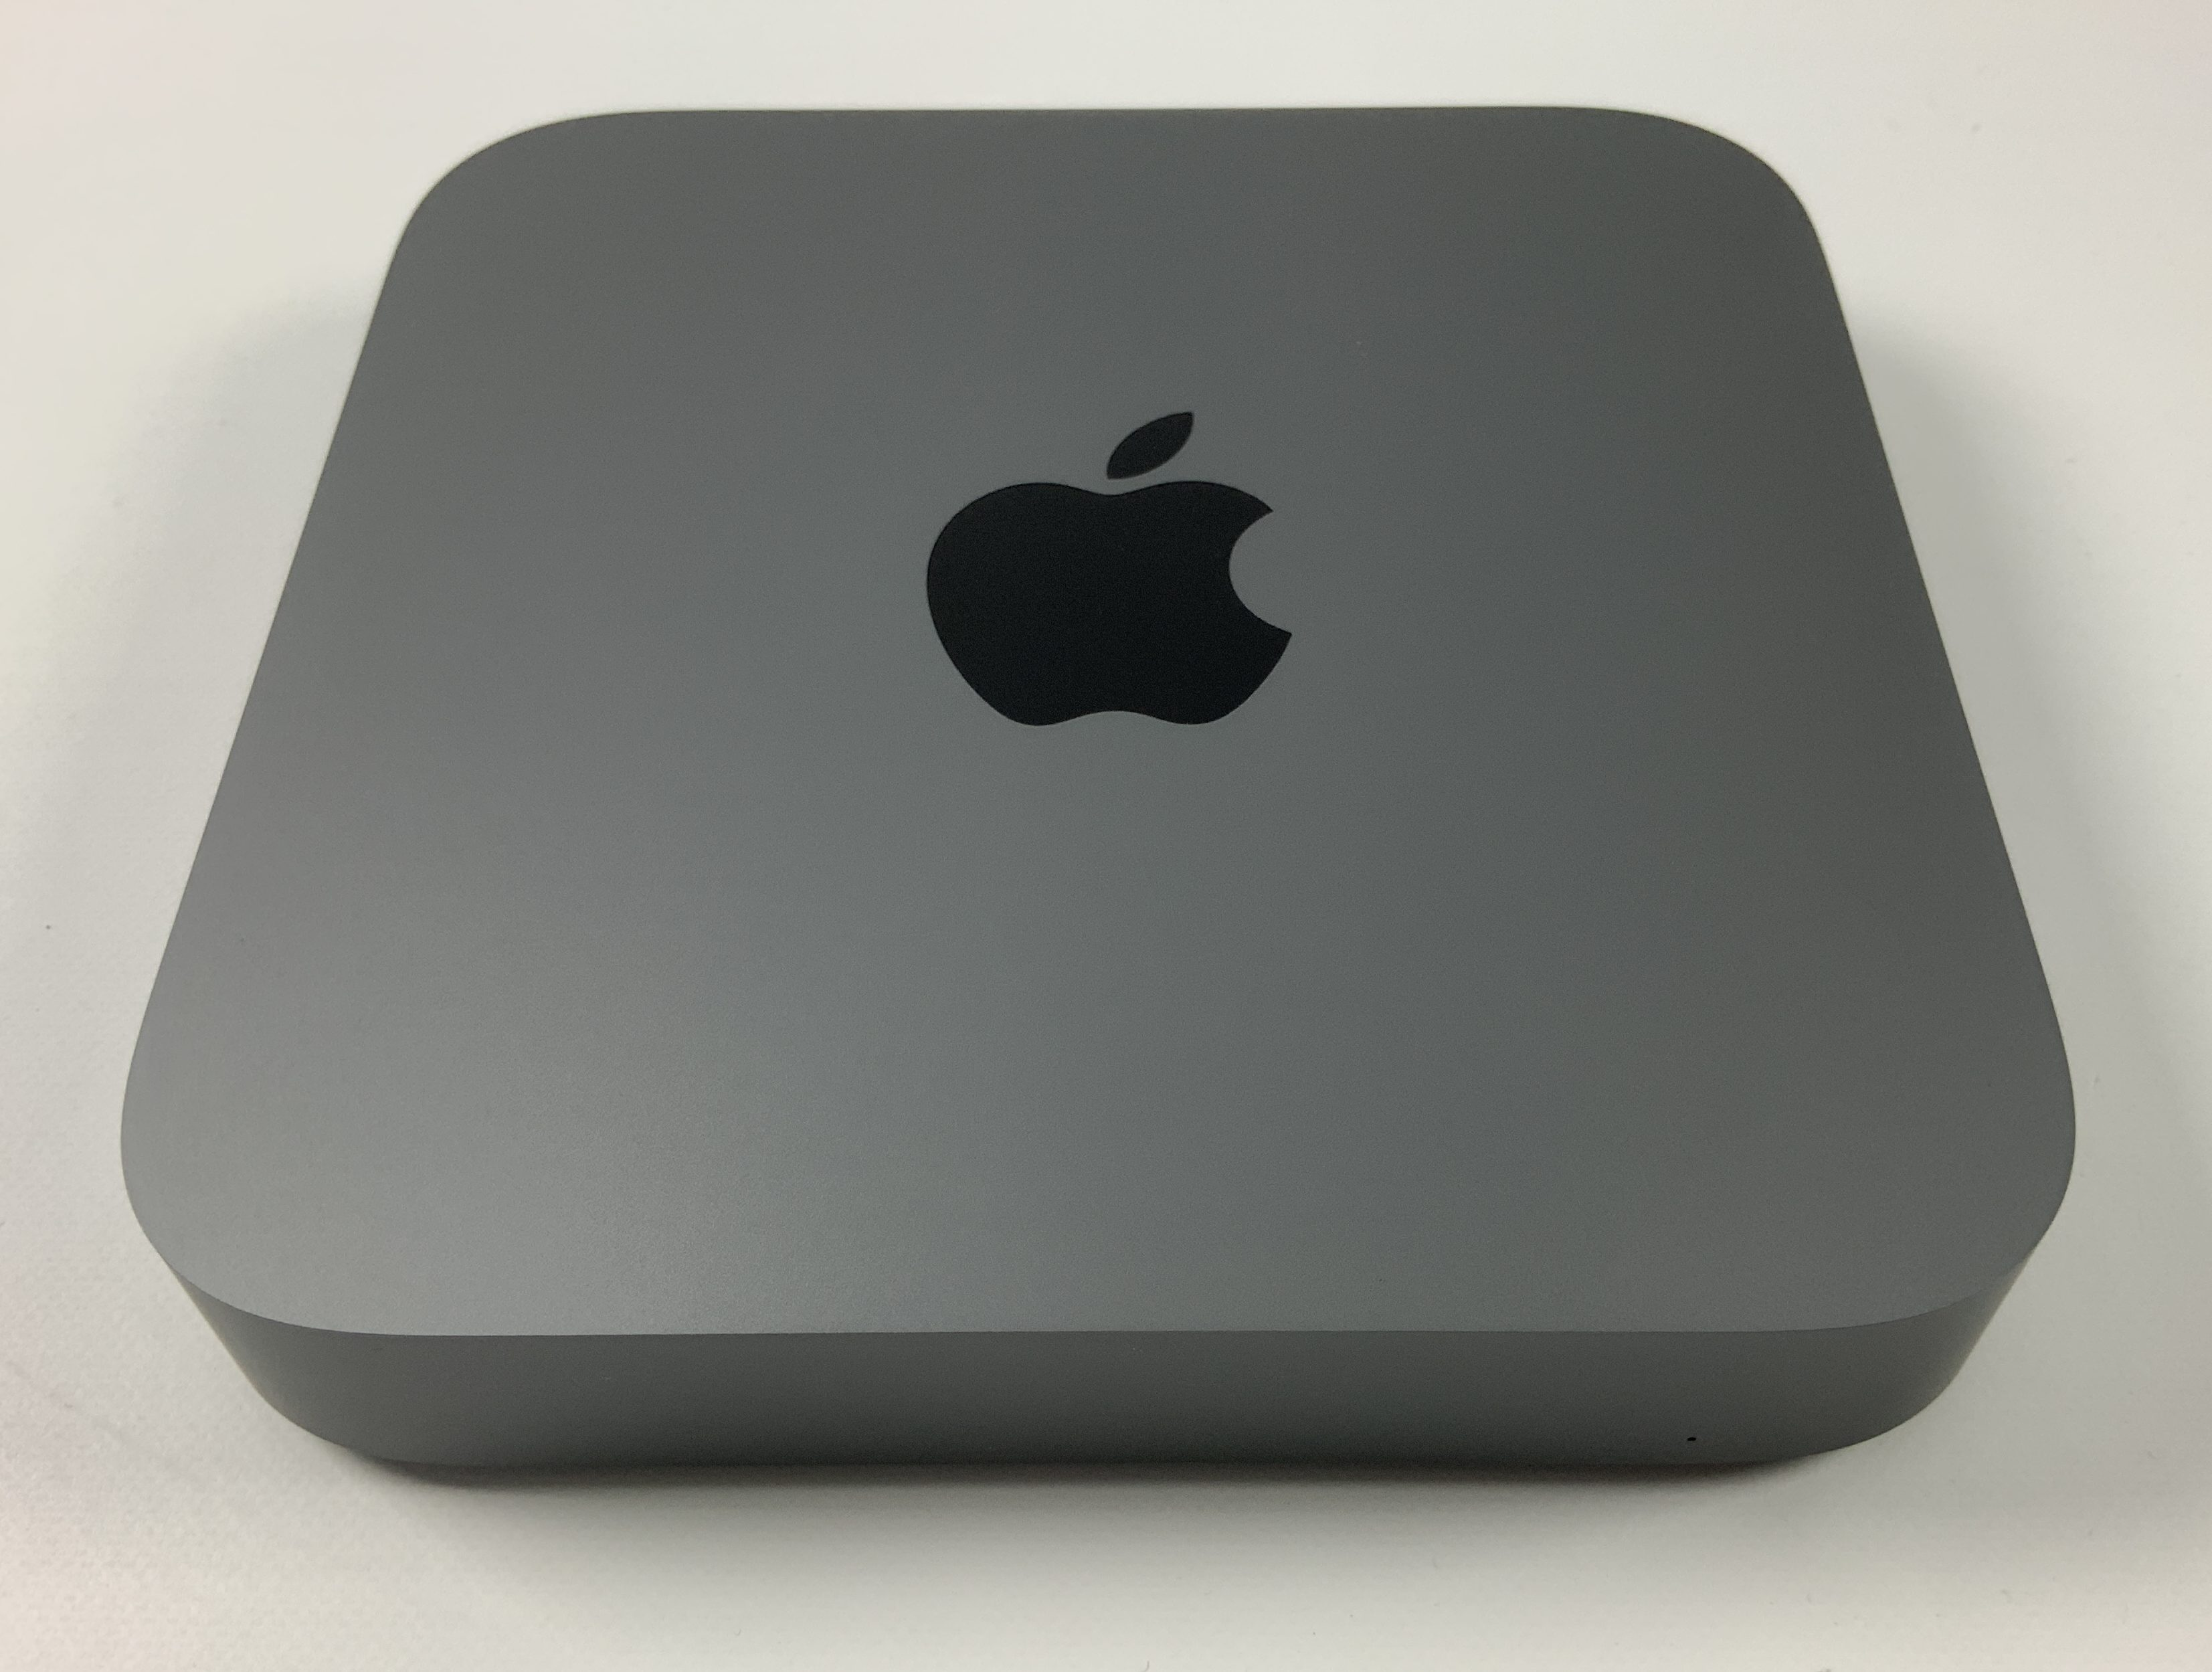 Mac Mini Late 2018 (Intel Quad-Core i3 3.6 GHz 8 GB RAM 256 GB SSD), Intel Quad-Core i3 3.6 GHz, 8 GB RAM, 256 GB SSD, Kuva 2